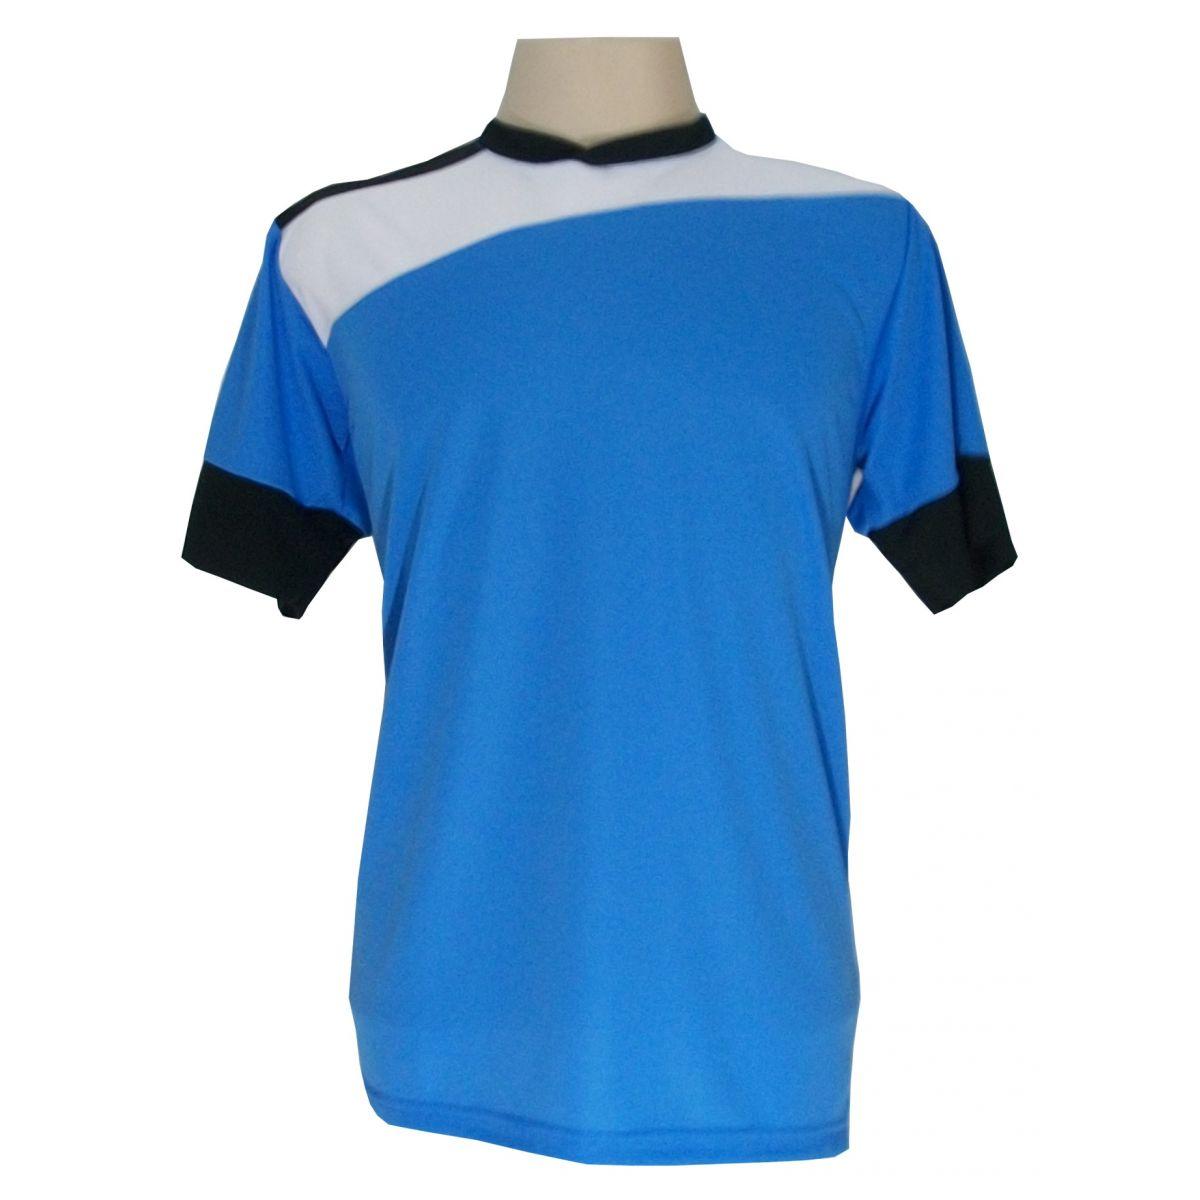 Uniforme Esportivo com 14 camisas modelo Sporting Celeste/Branco/Preto + 14 calções modelo Madrid Branco + Brindes